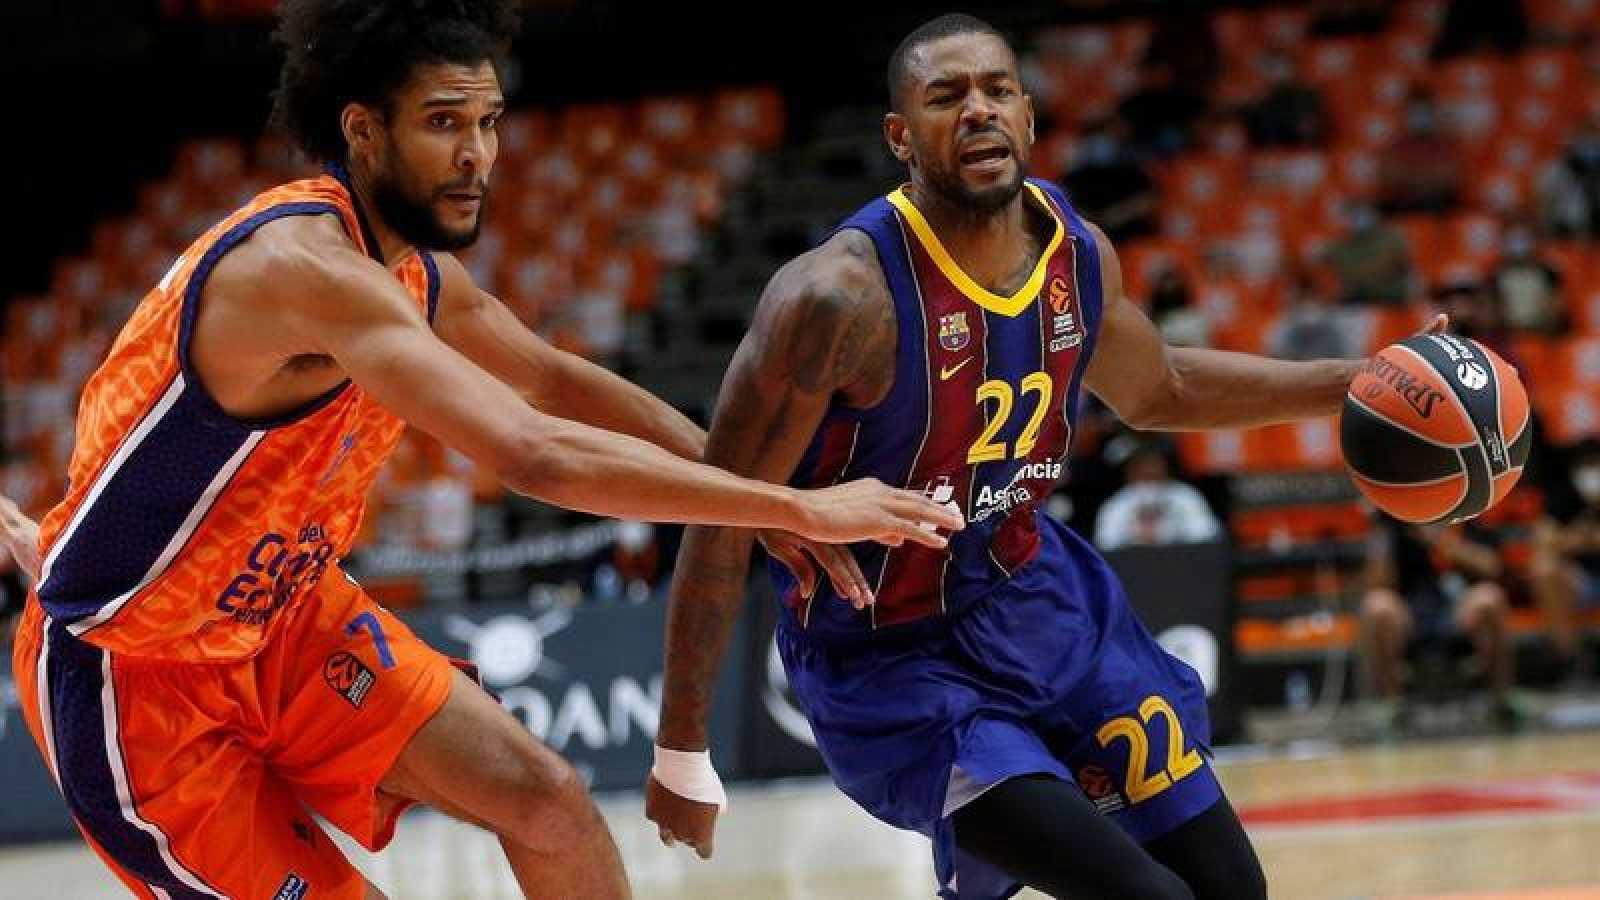 El ala-pívot francés del Valencia Basket Louis Labeyrie (i) defiende al escolta estadounidense del FC Barcelona Cory Higgins (d).